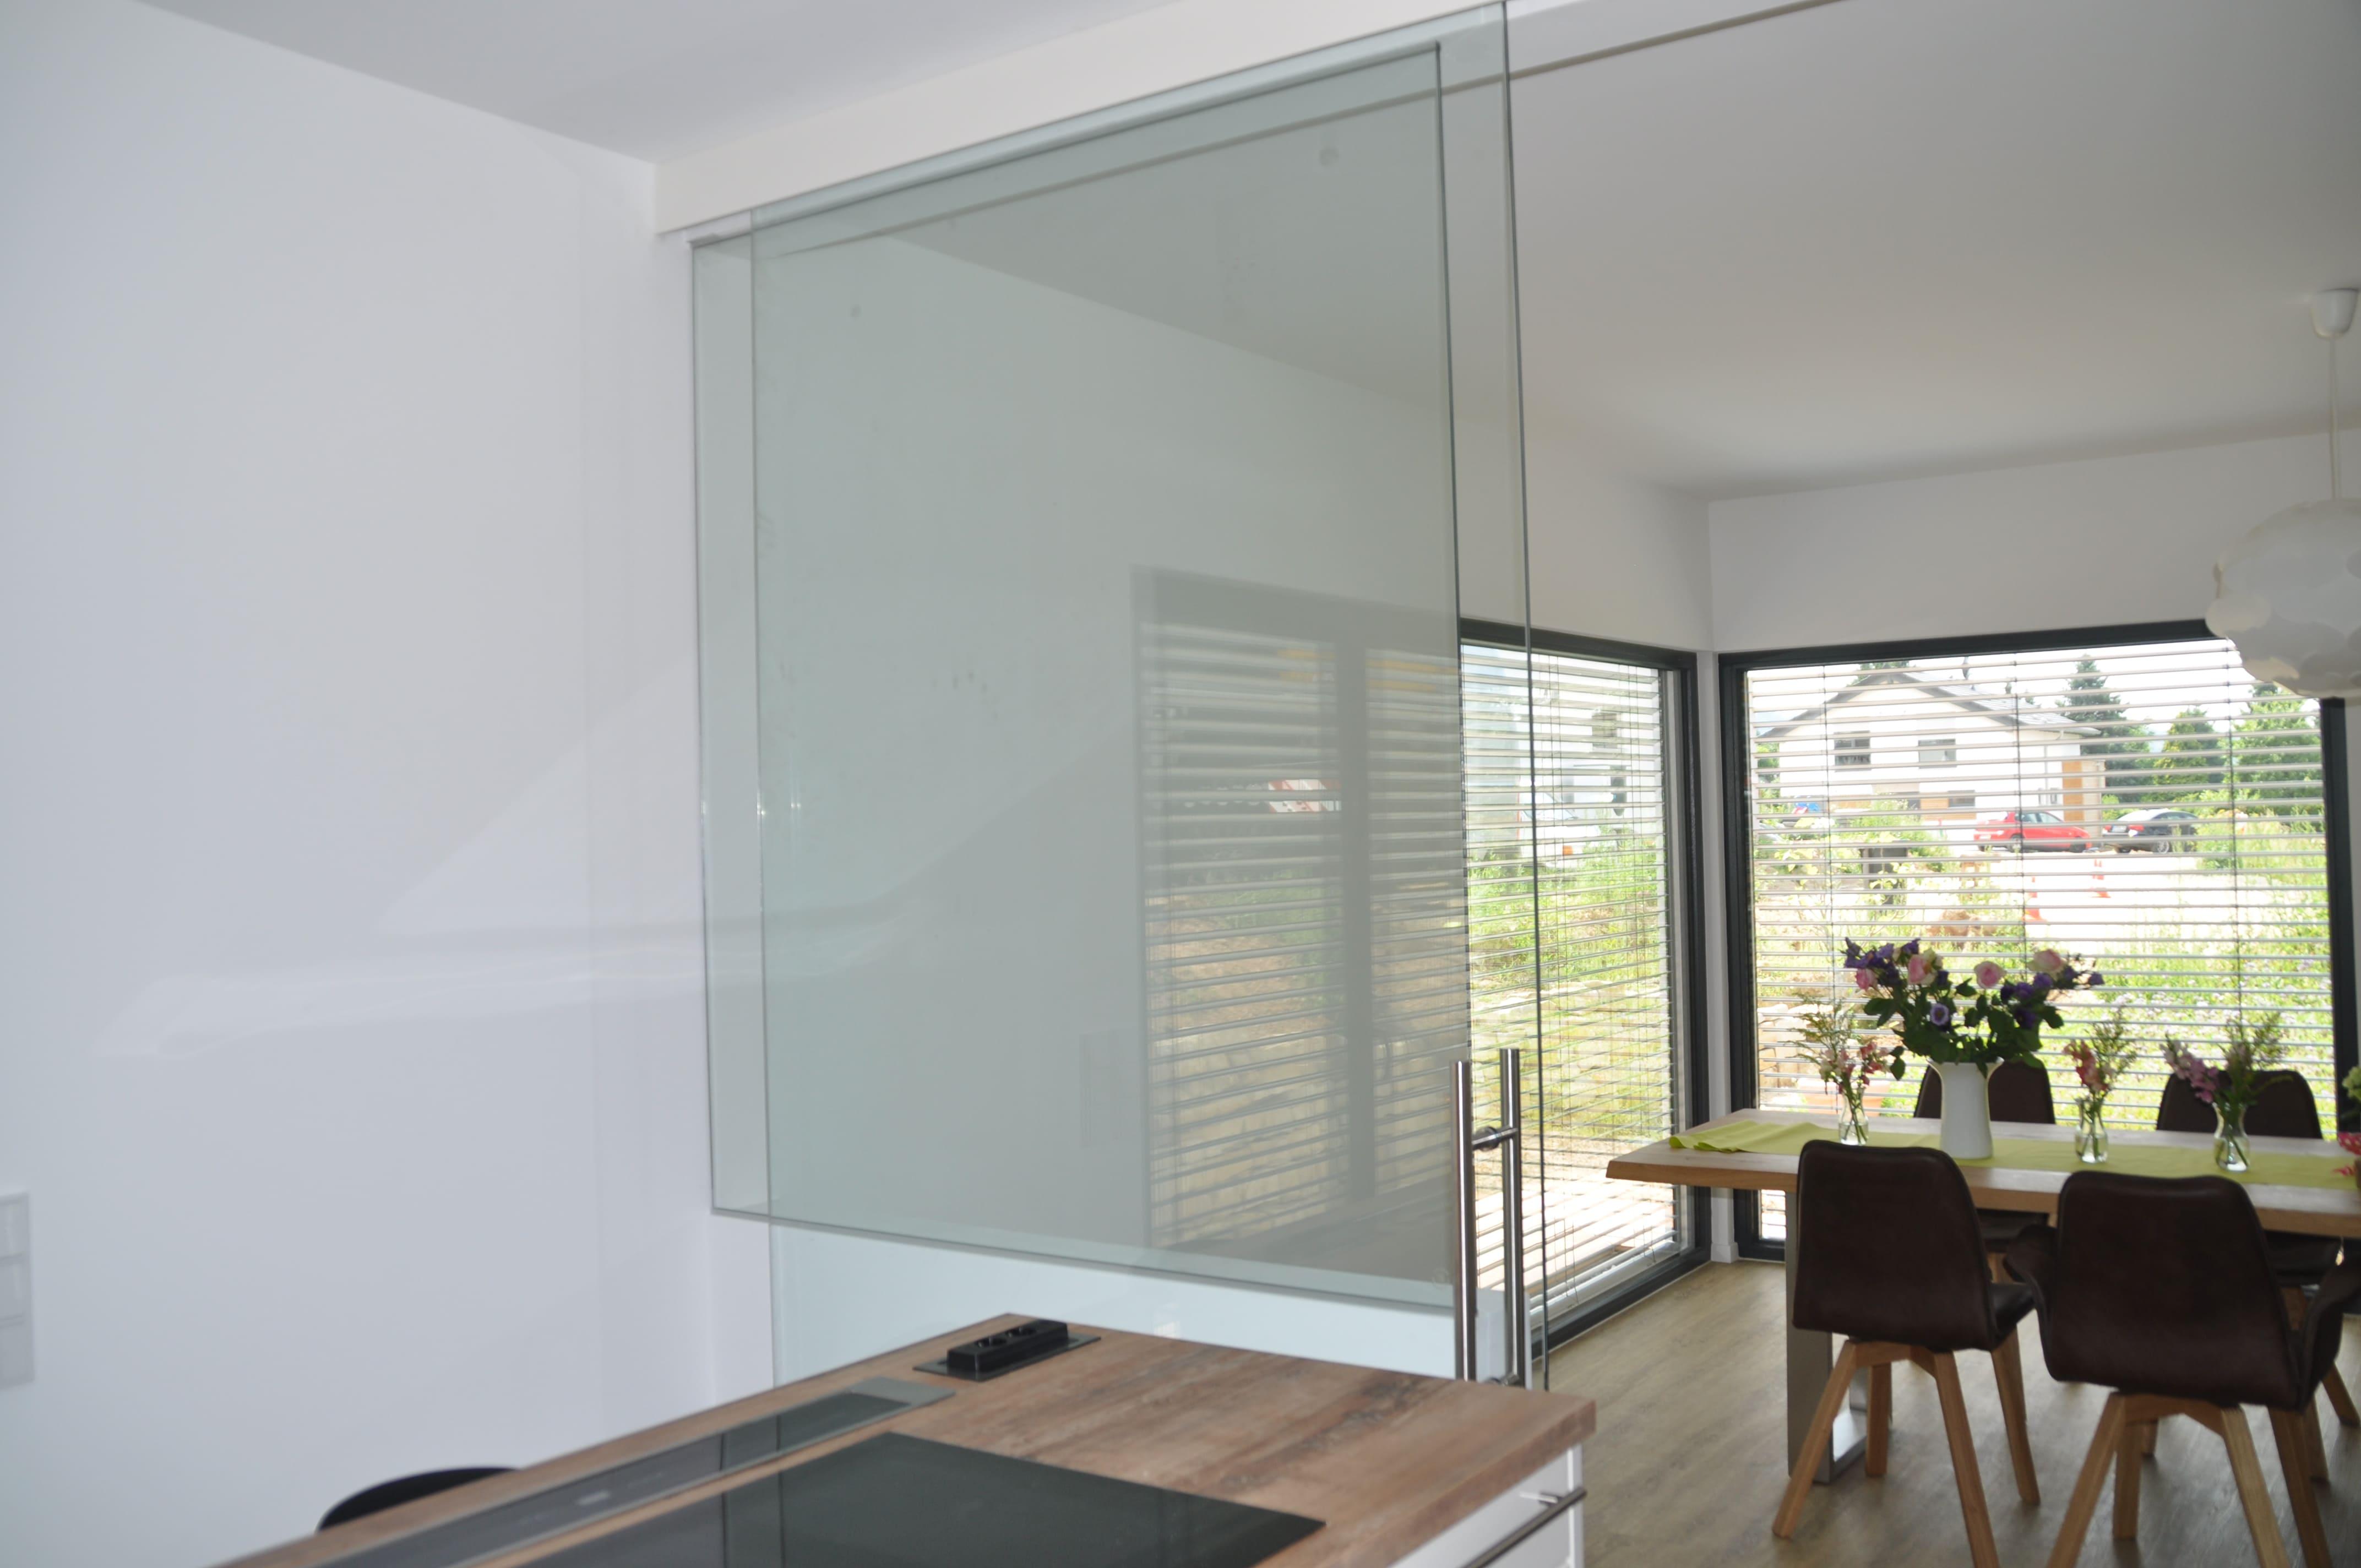 Glasschiebetür Wohnraum Esszimmer Küche deckenhoch